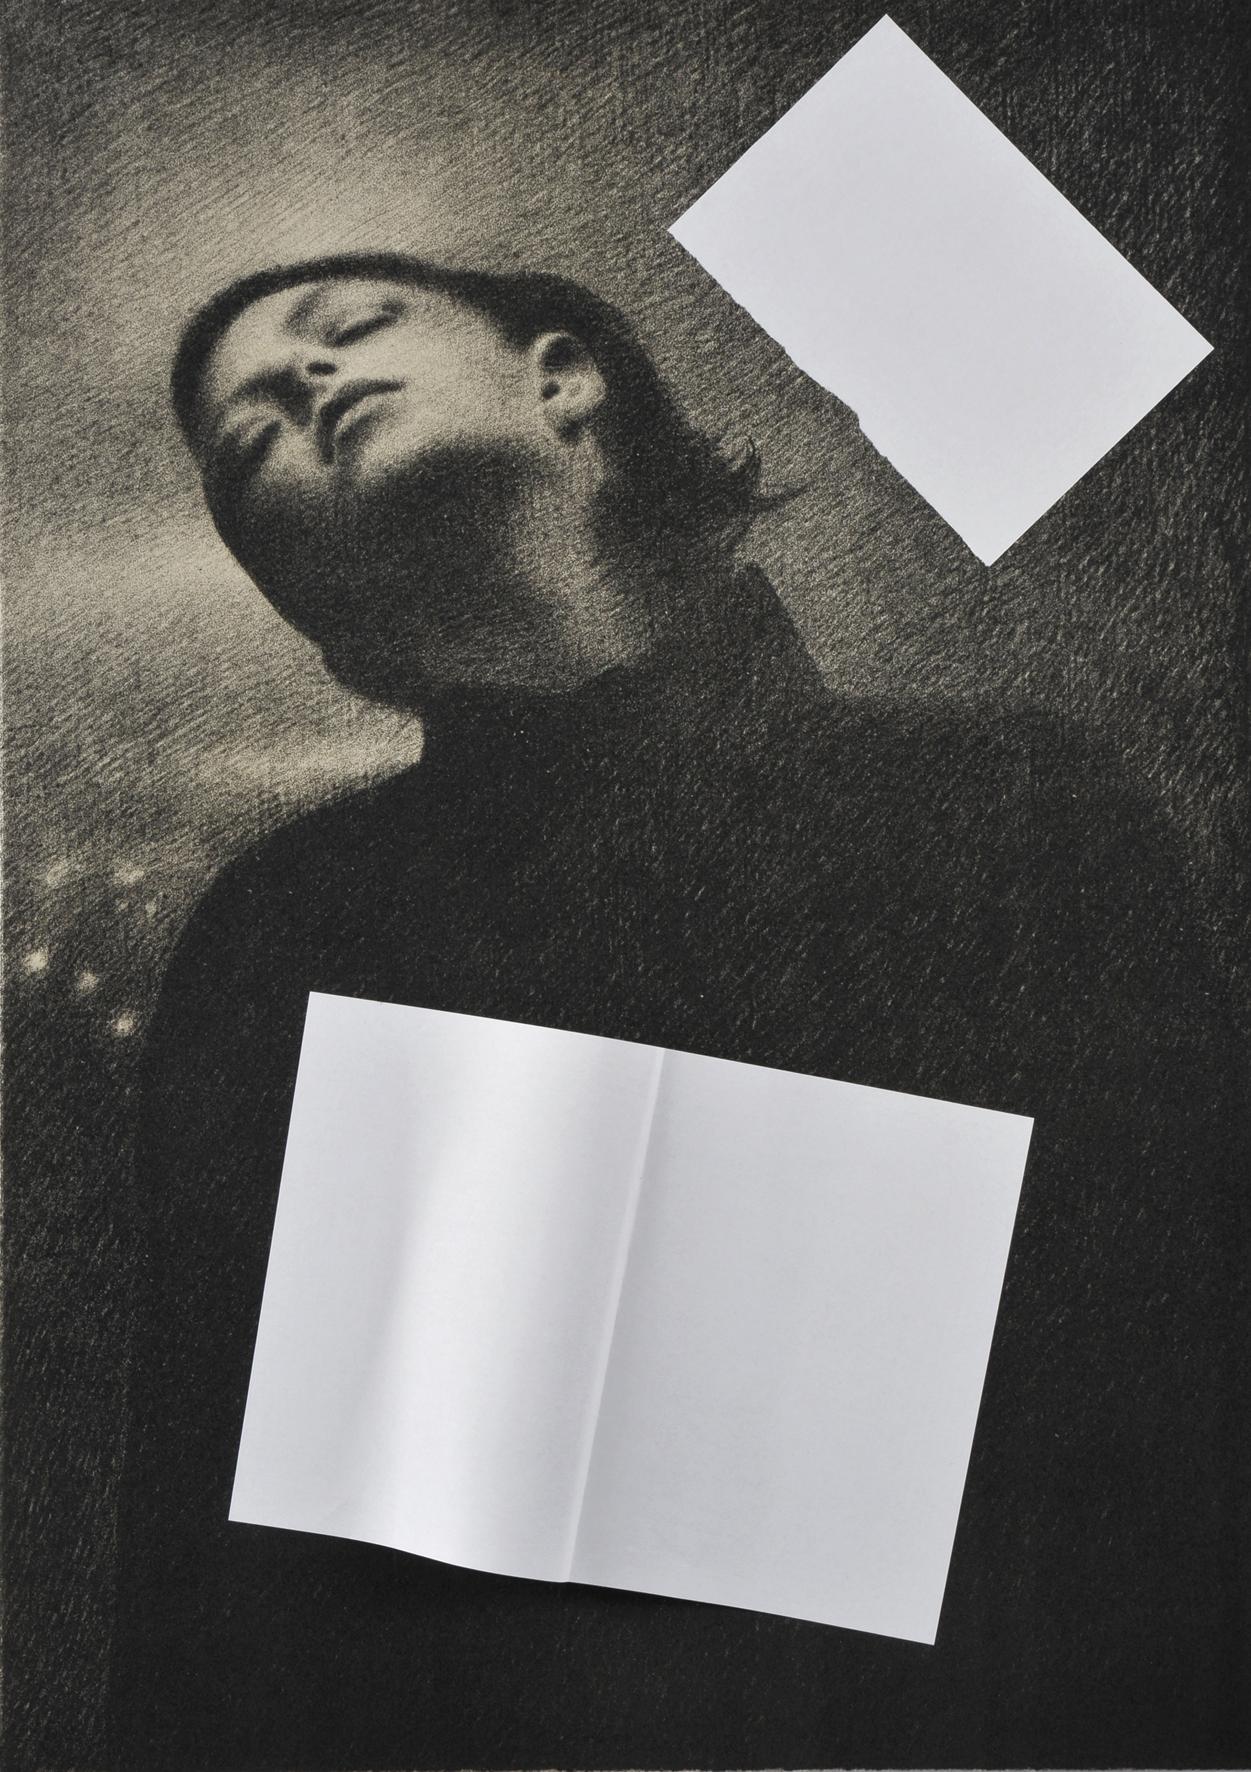 Omar Galliani in mostra a Reggio Emilia